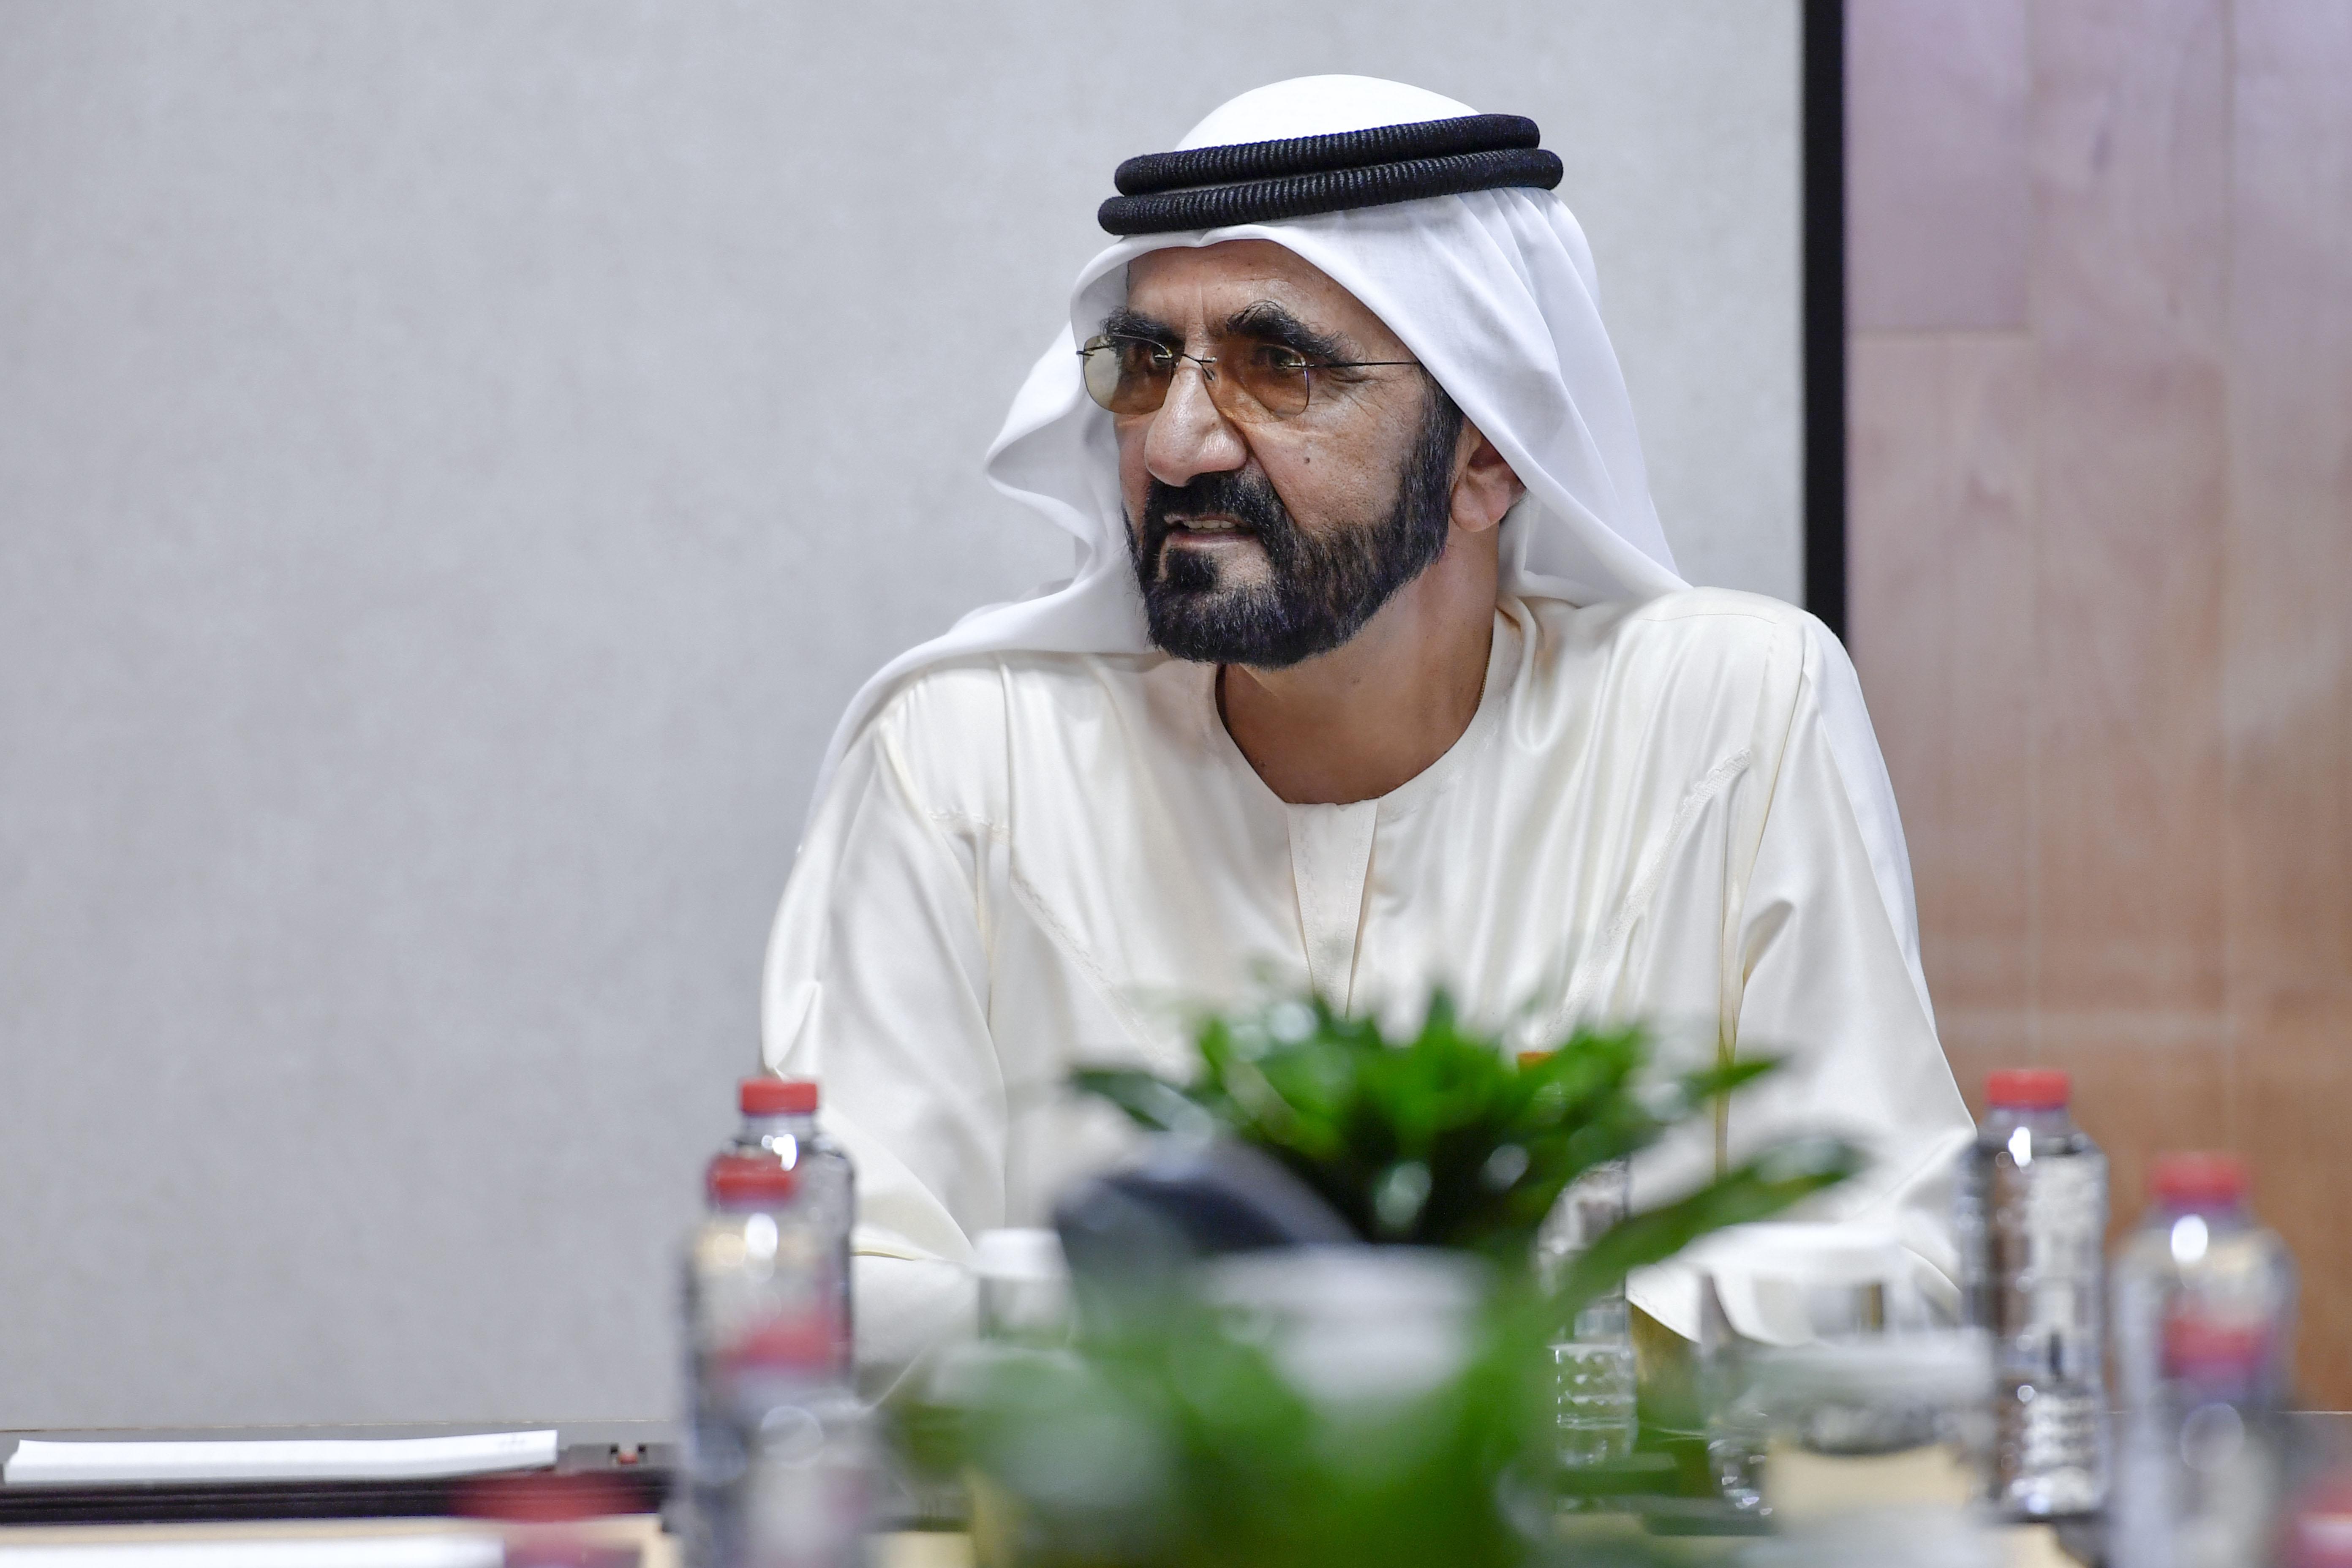 صاحب السمو الشيخ محمد بن راشد آل مكتوم - محمد بن راشد يُصدر مرسوماً بتعيين منصور بن محمد رئيساً لمجلس دبي الرياضي